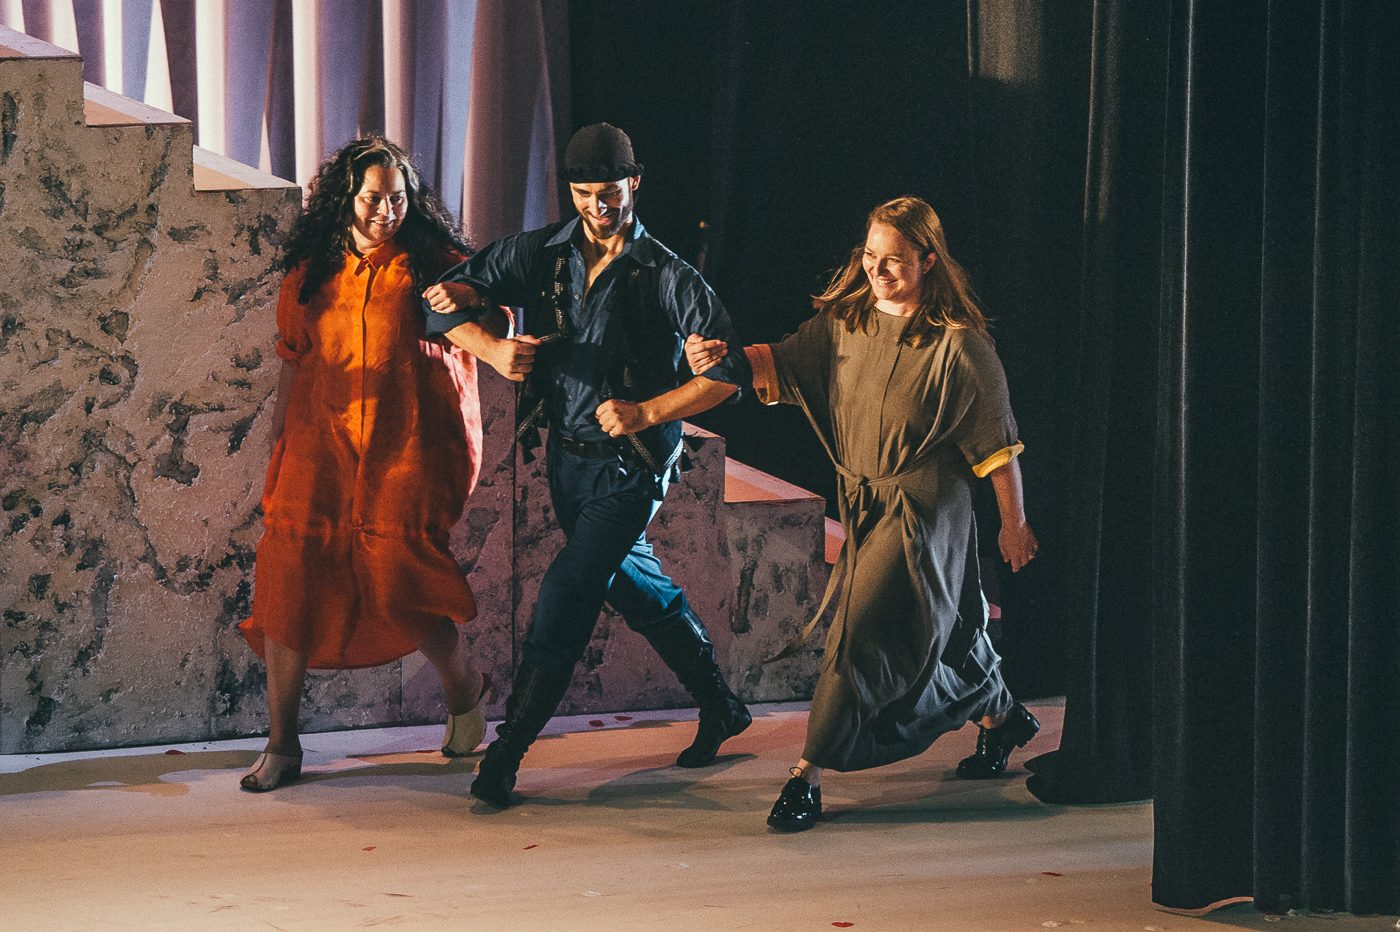 Premjera Zorba Muzikinis Teatras E.sabaliauskaite 059